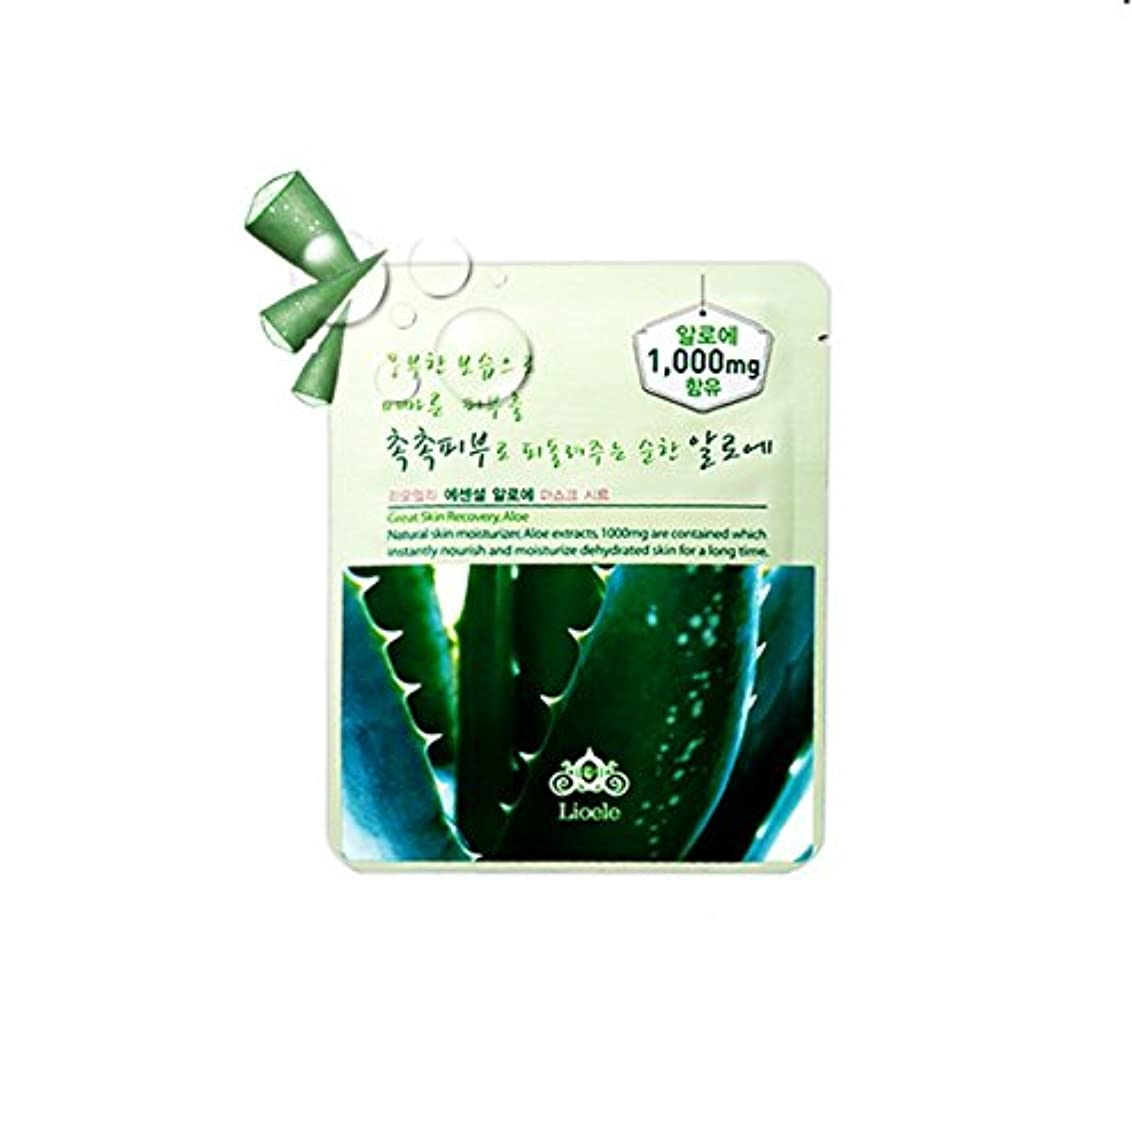 哲学注釈を付ける意外Lioele (リオエリ) エッセンシャル マスク シート / Essential Mask Sheet (アロエ (Aloe Mask Sheet)) [並行輸入品]